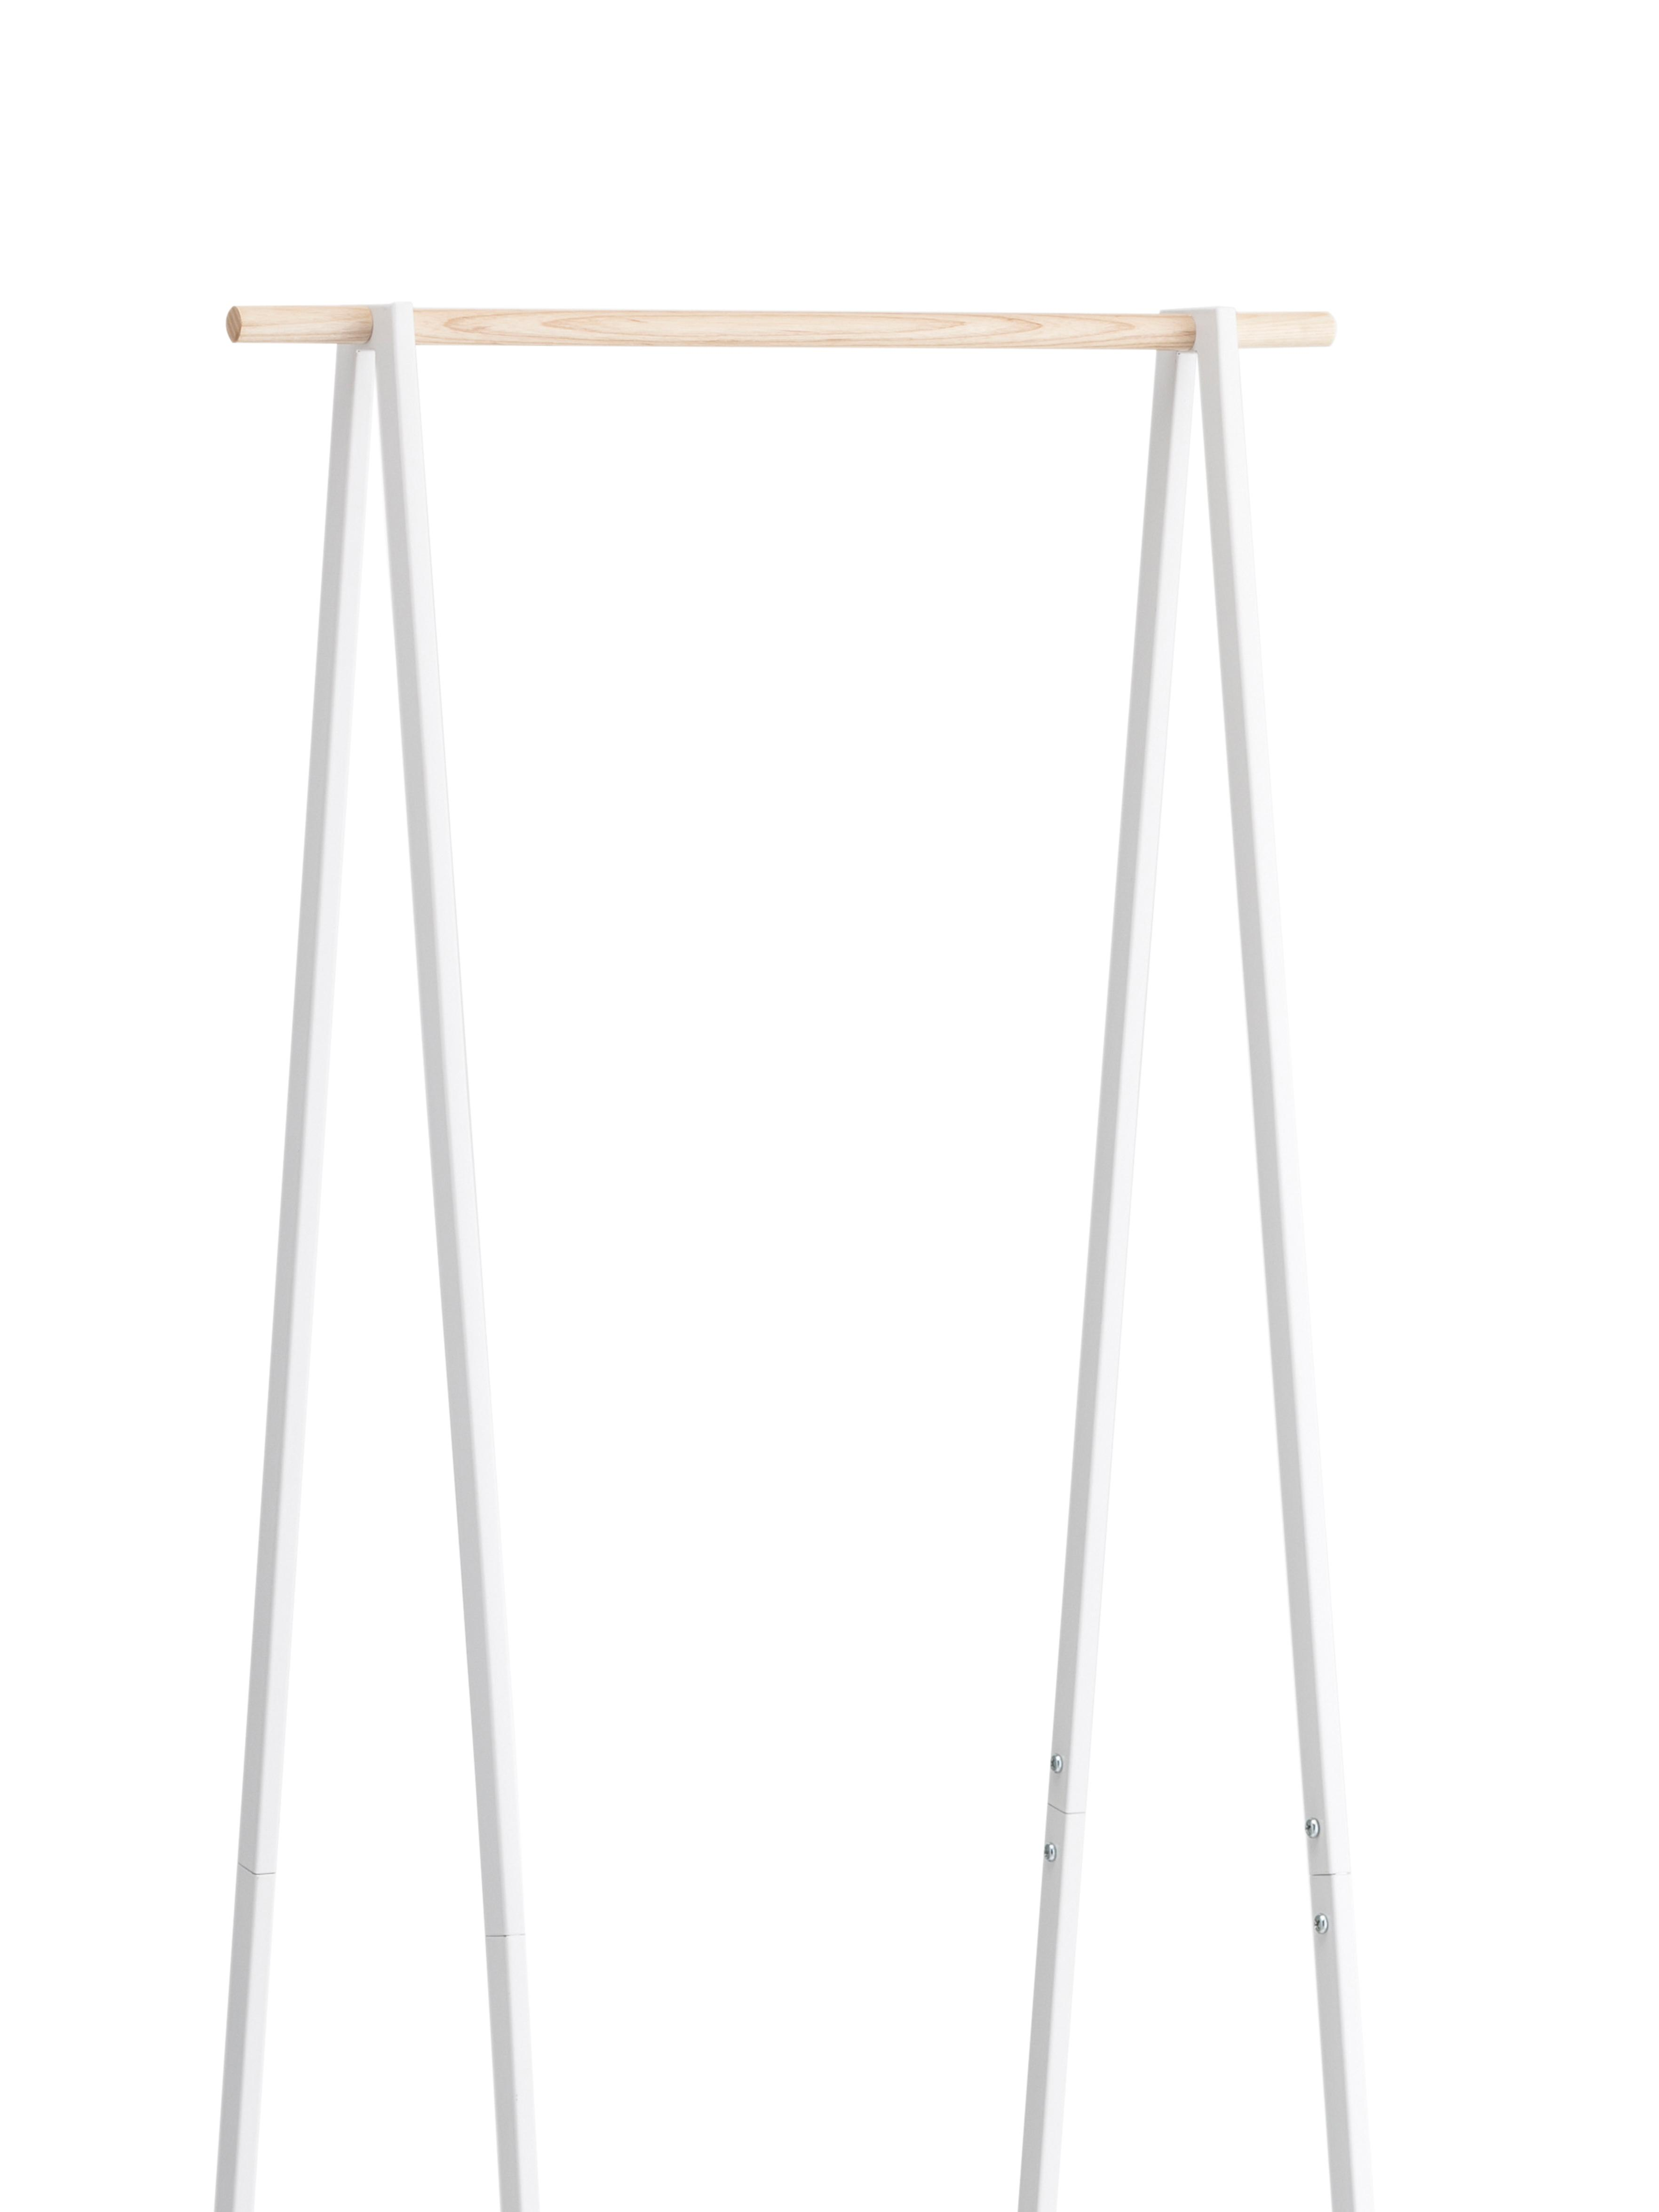 Metall-Kleiderständer Tower, Gestell: Metall, pulverbeschichtet, Weiß, 52 x 140 cm